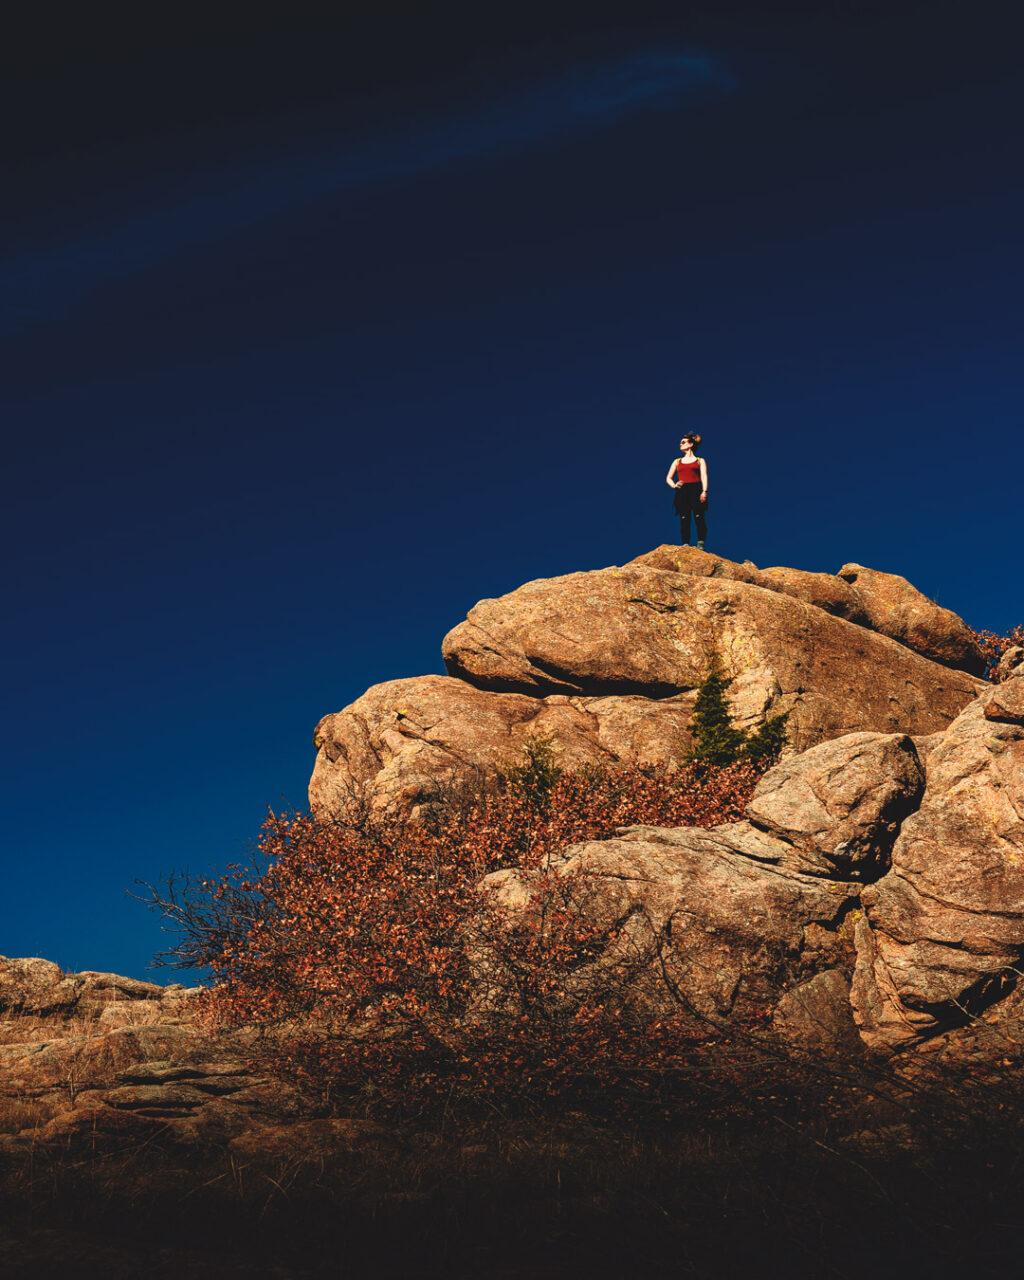 Woman hiker standing atop rocky bluff under blue sky in Charon's Garden Wilderness, Wichita Mountains Wildlife Refuge.